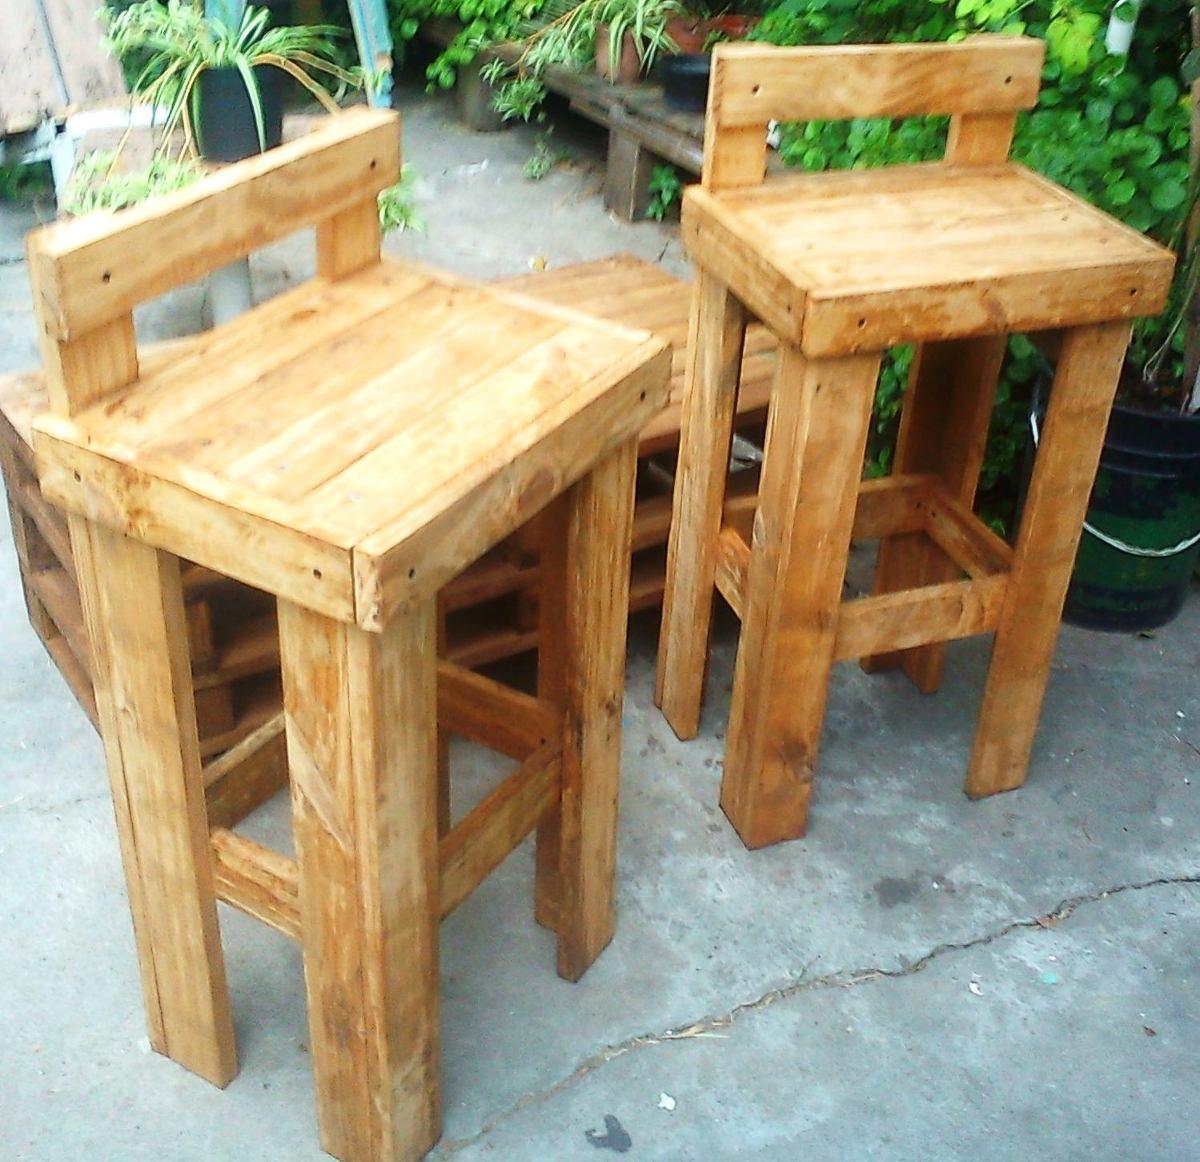 Bancas Hechas Con Tarimas Pallet Wood U Pavement Tiles Sof De - Banco-de-palets